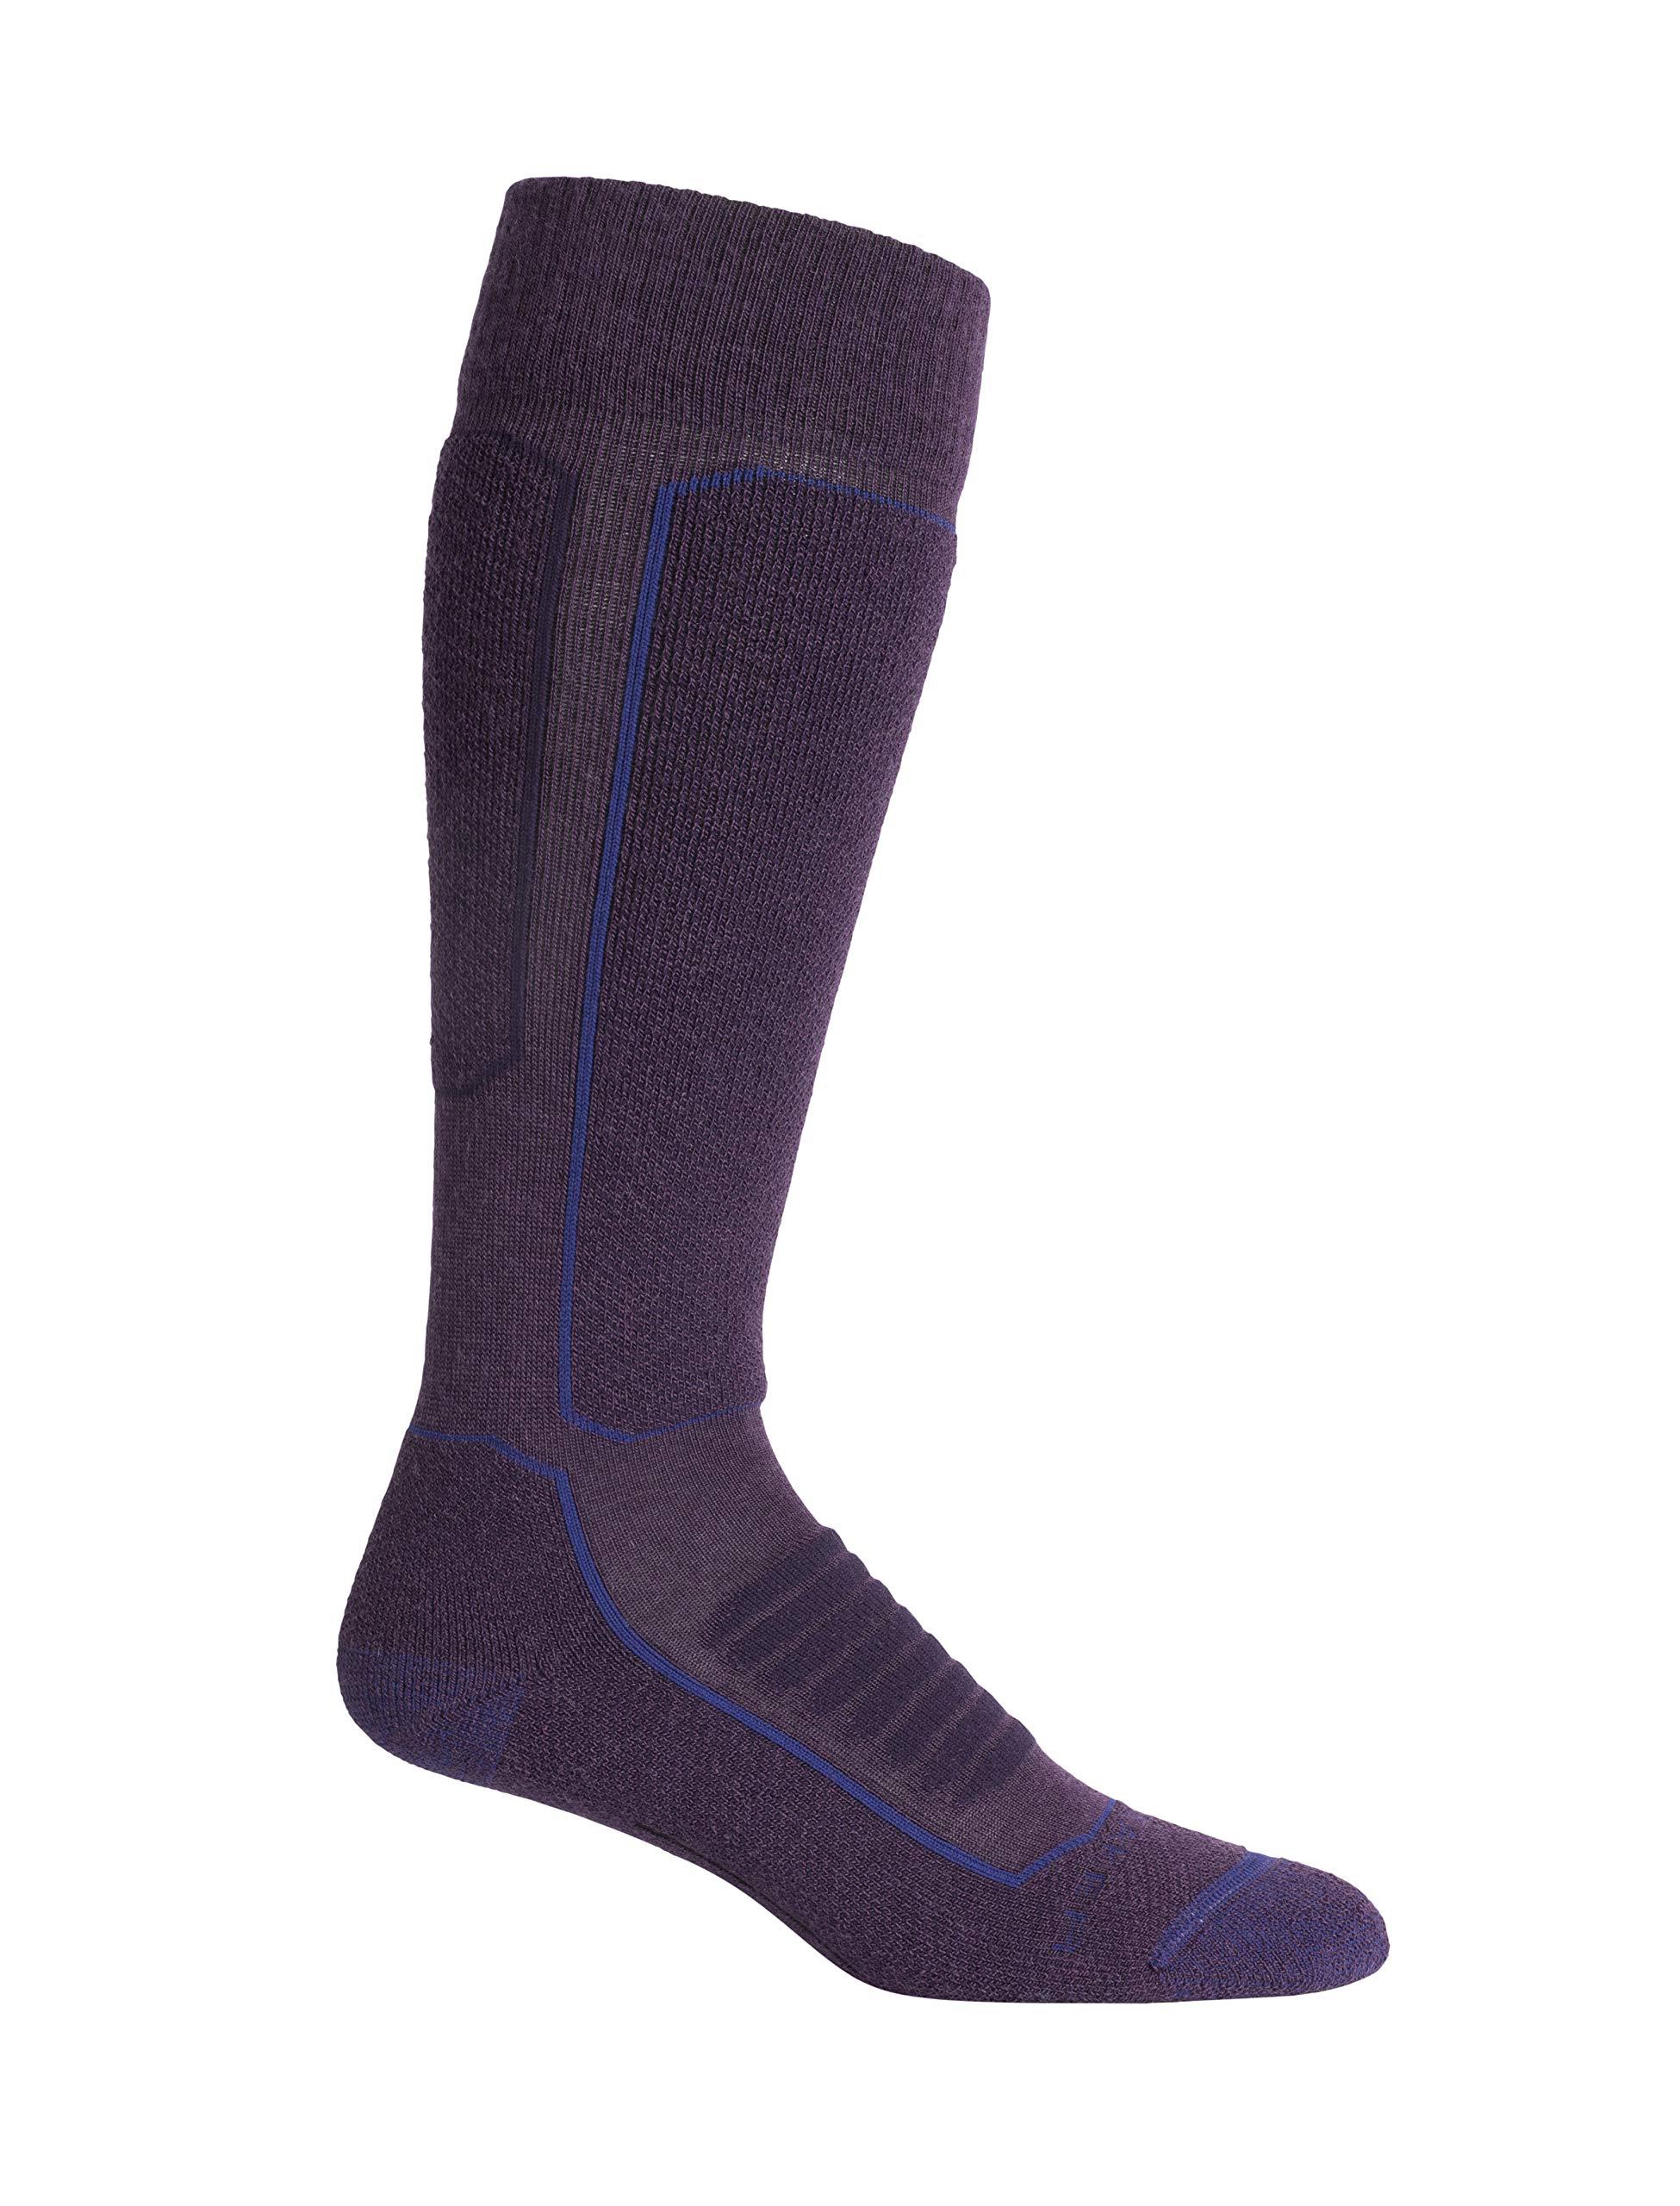 Icebreaker Merino womens Ski+ Medium Cushion Merino Wool Over the Calf Socks